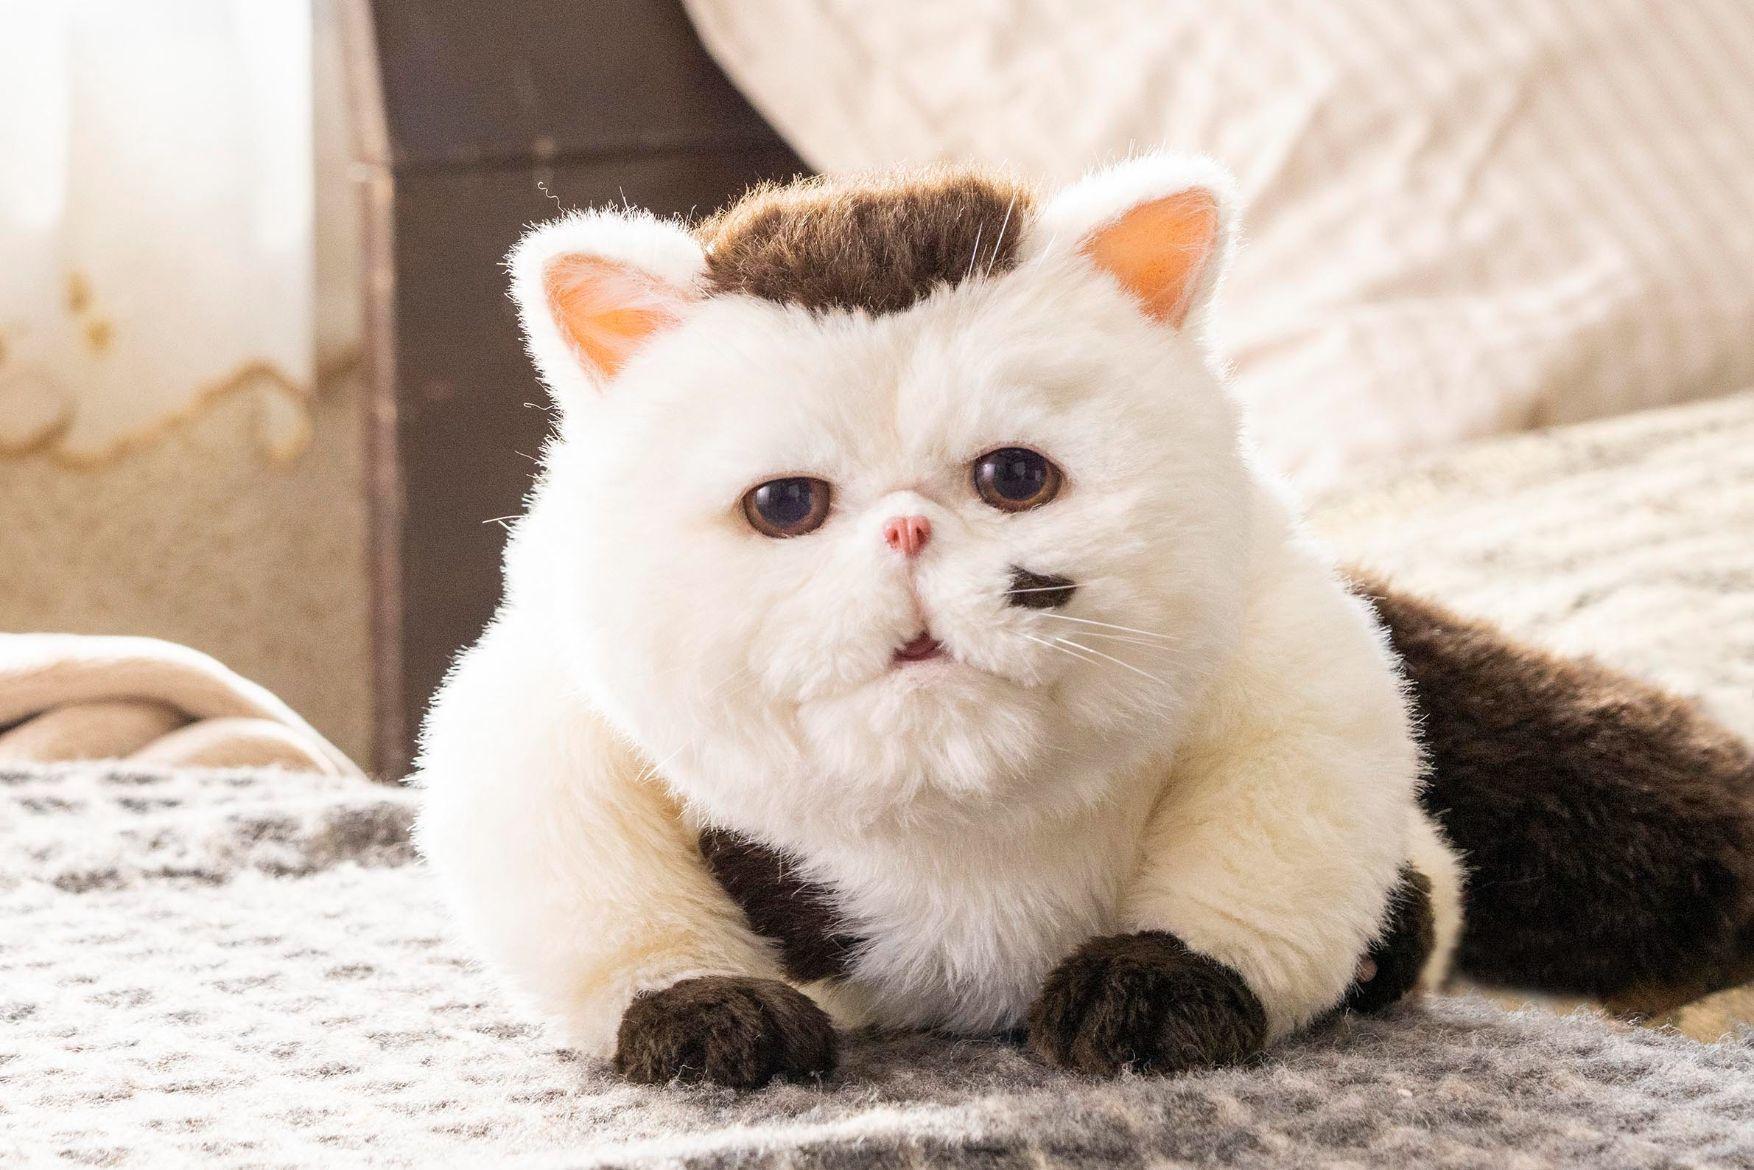 神木隆之介演じるふくまる (C)「おじさまと猫」製作委員会』